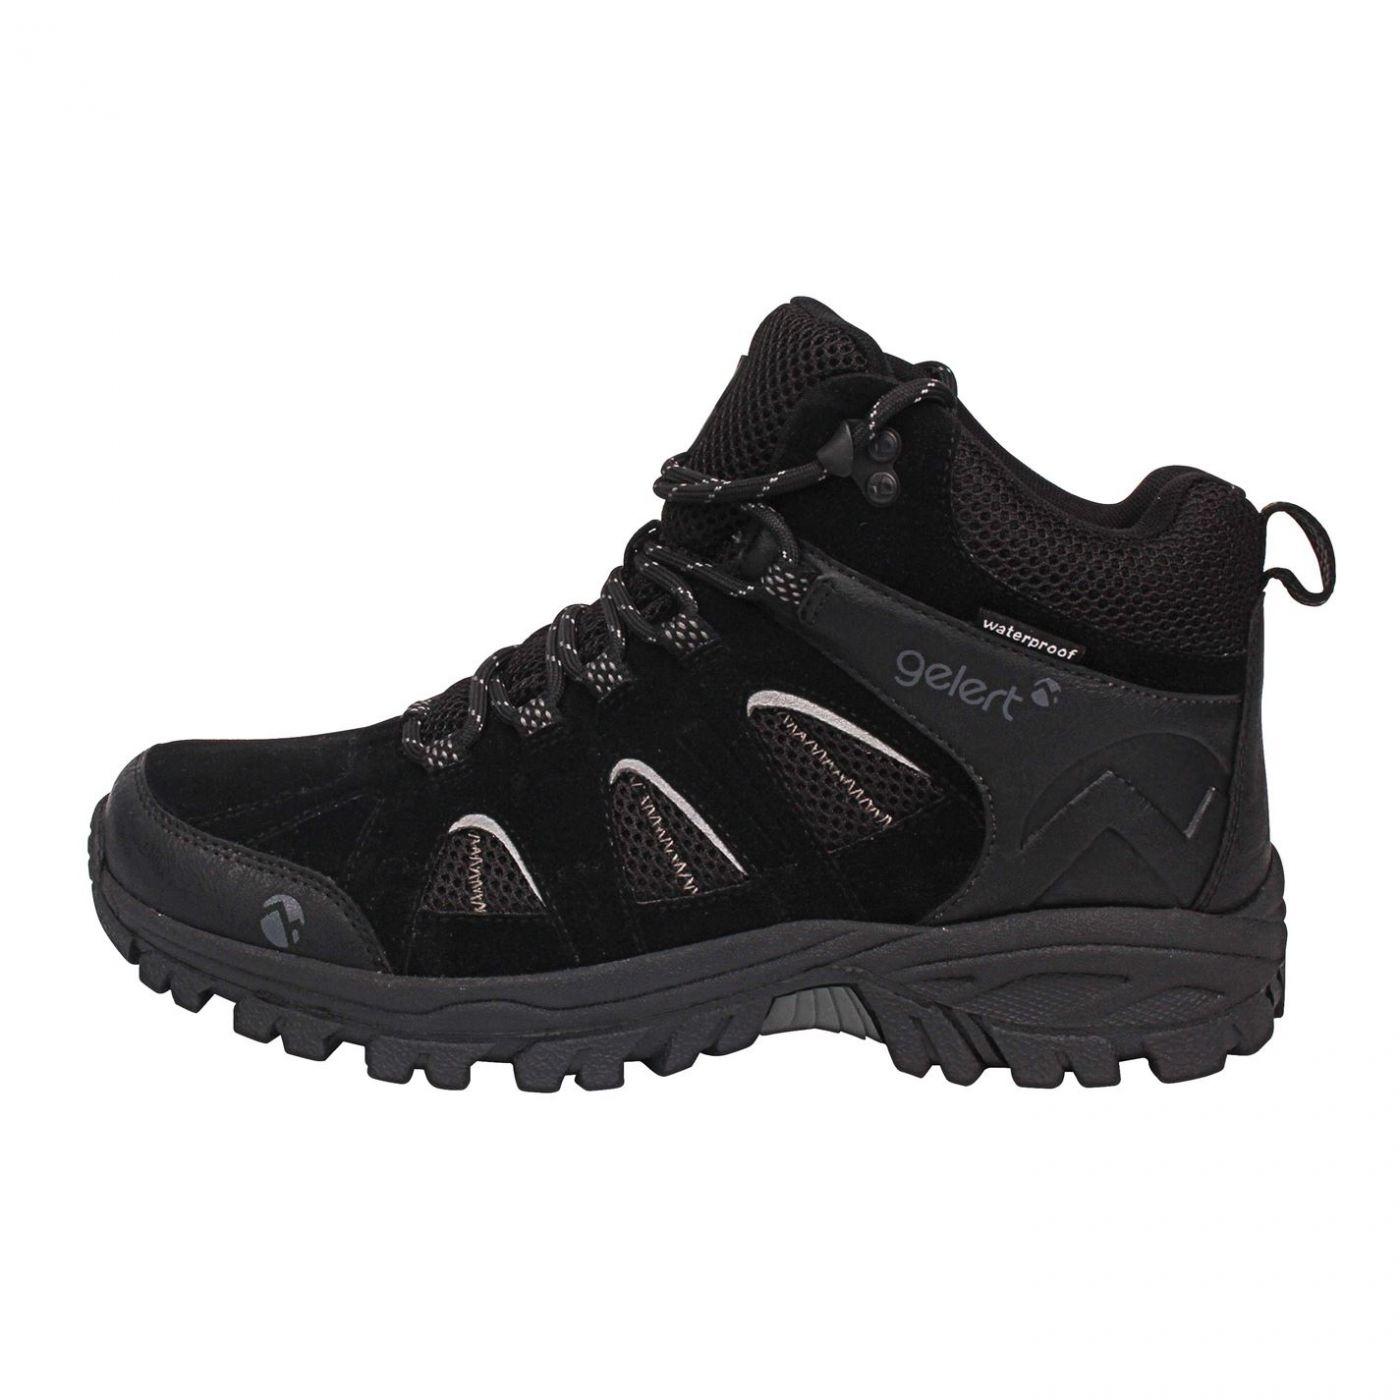 Gelert Tryfan Mid Waterproof Mens Walking Boots